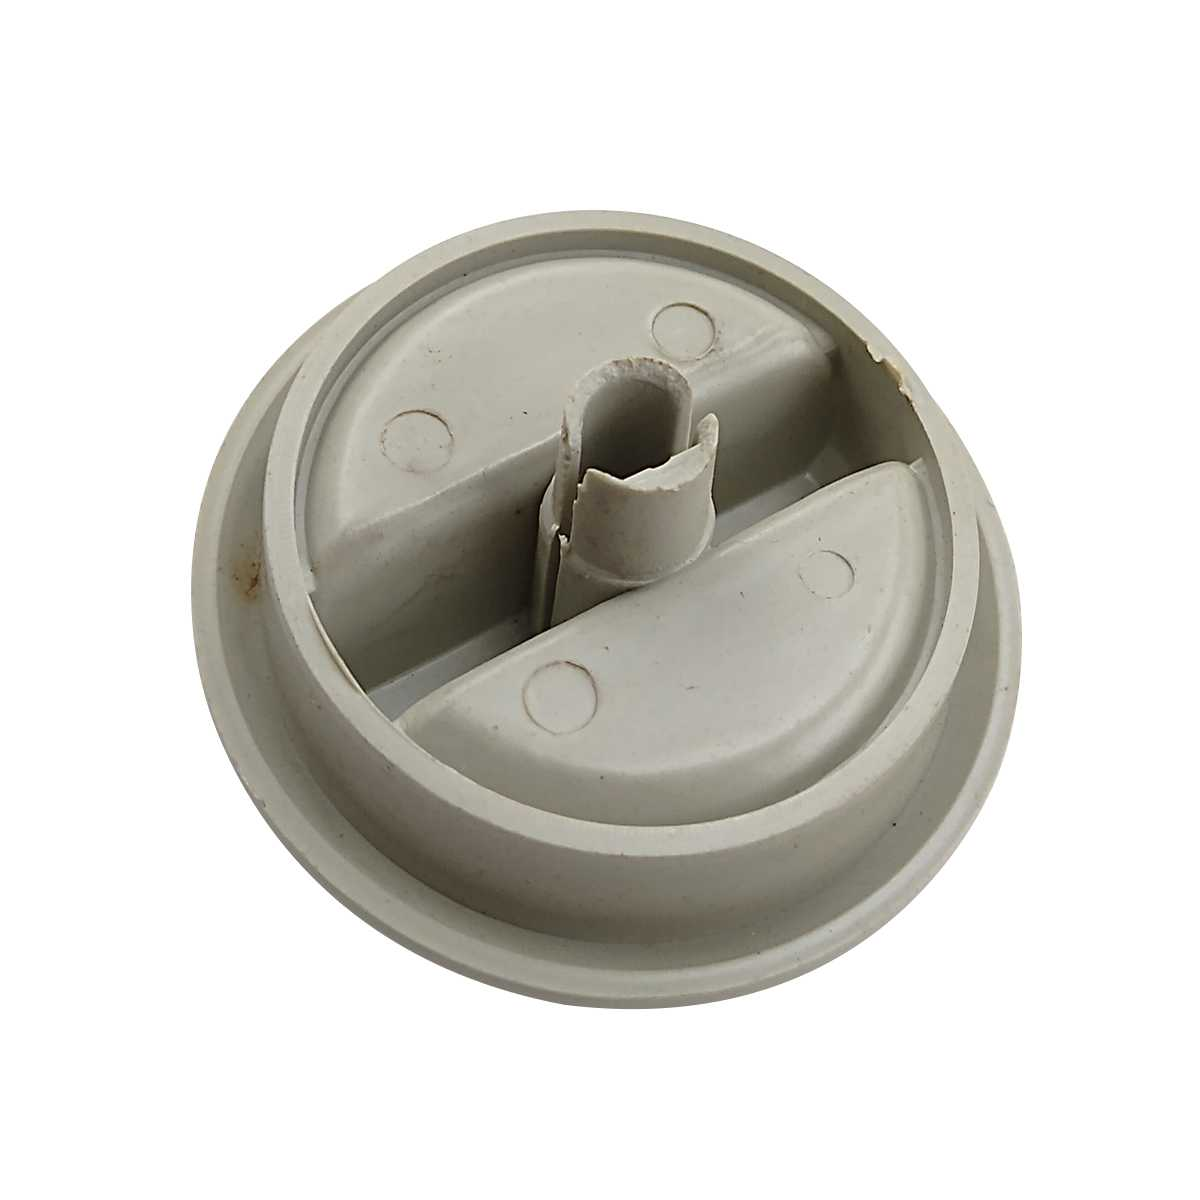 Botão do nivel de água lavadora Brastemp Plus antiga